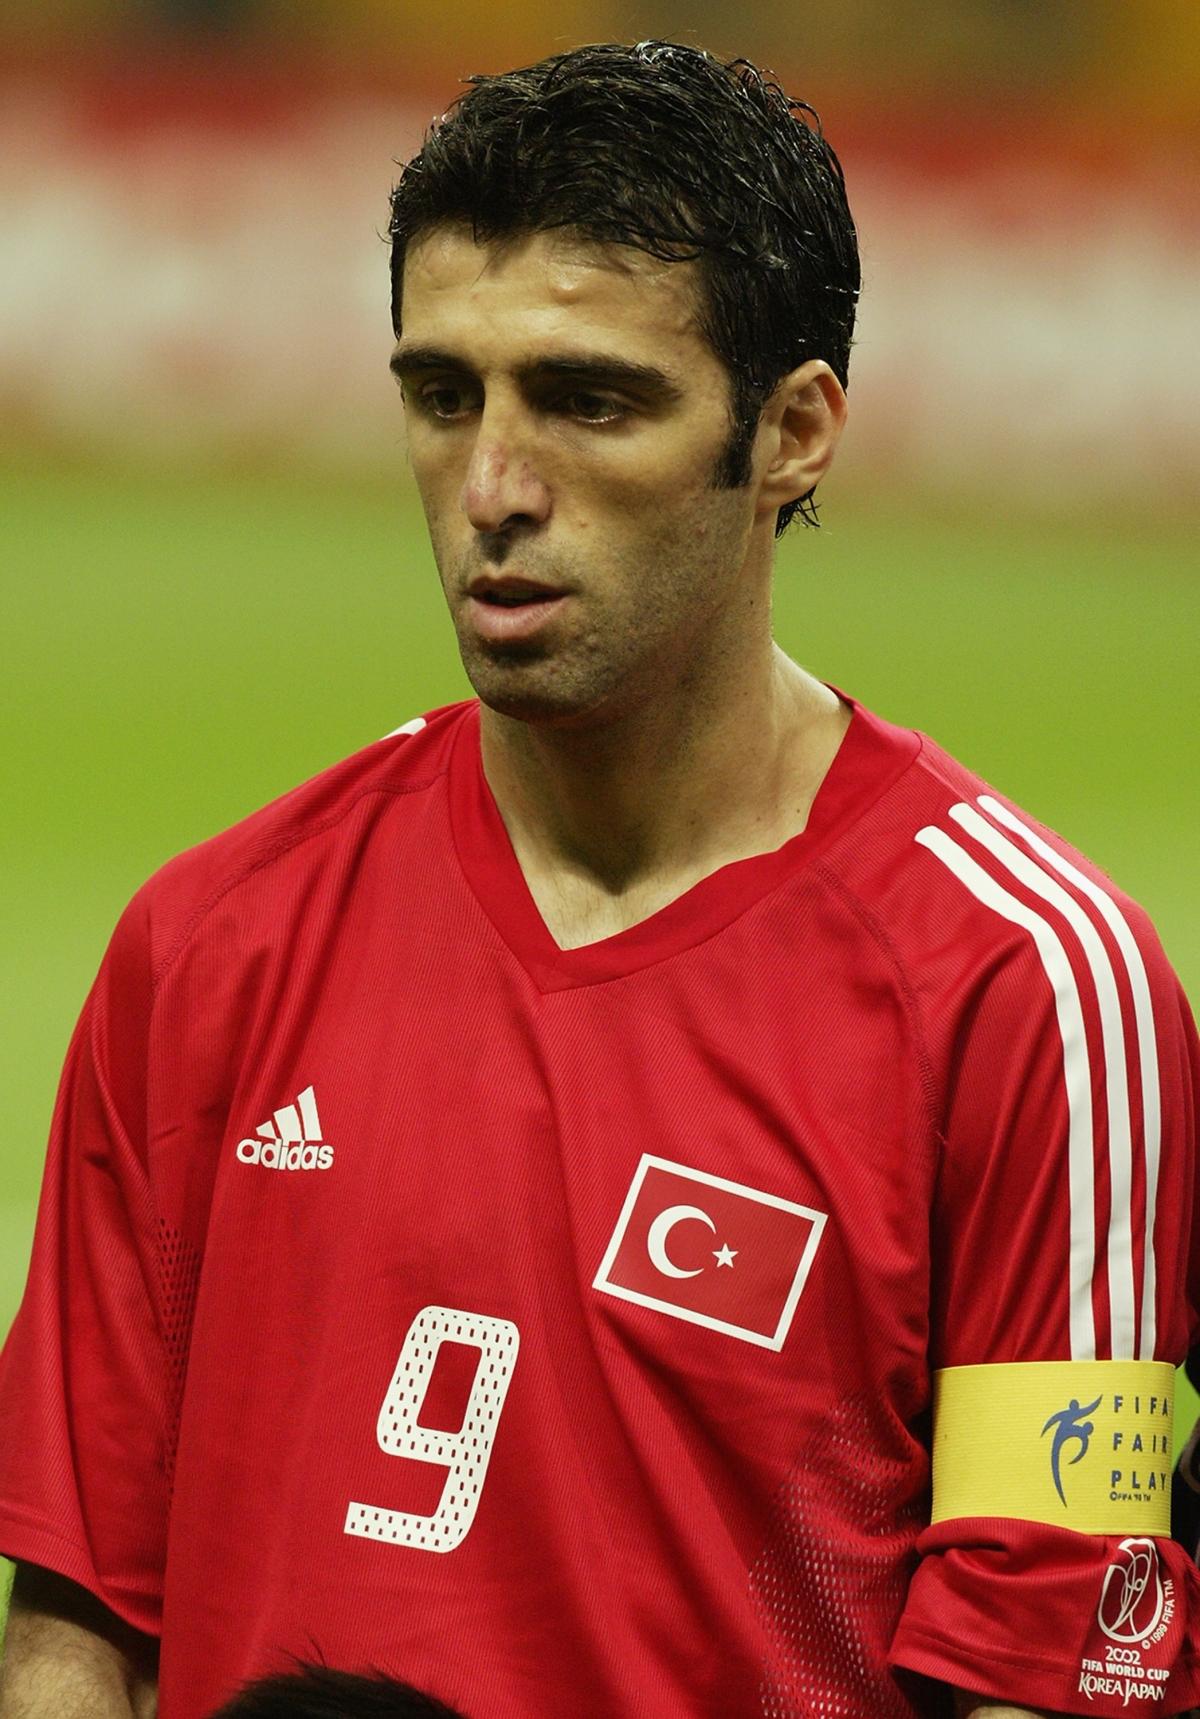 седые турецкие футболисты известные фото озадачивает